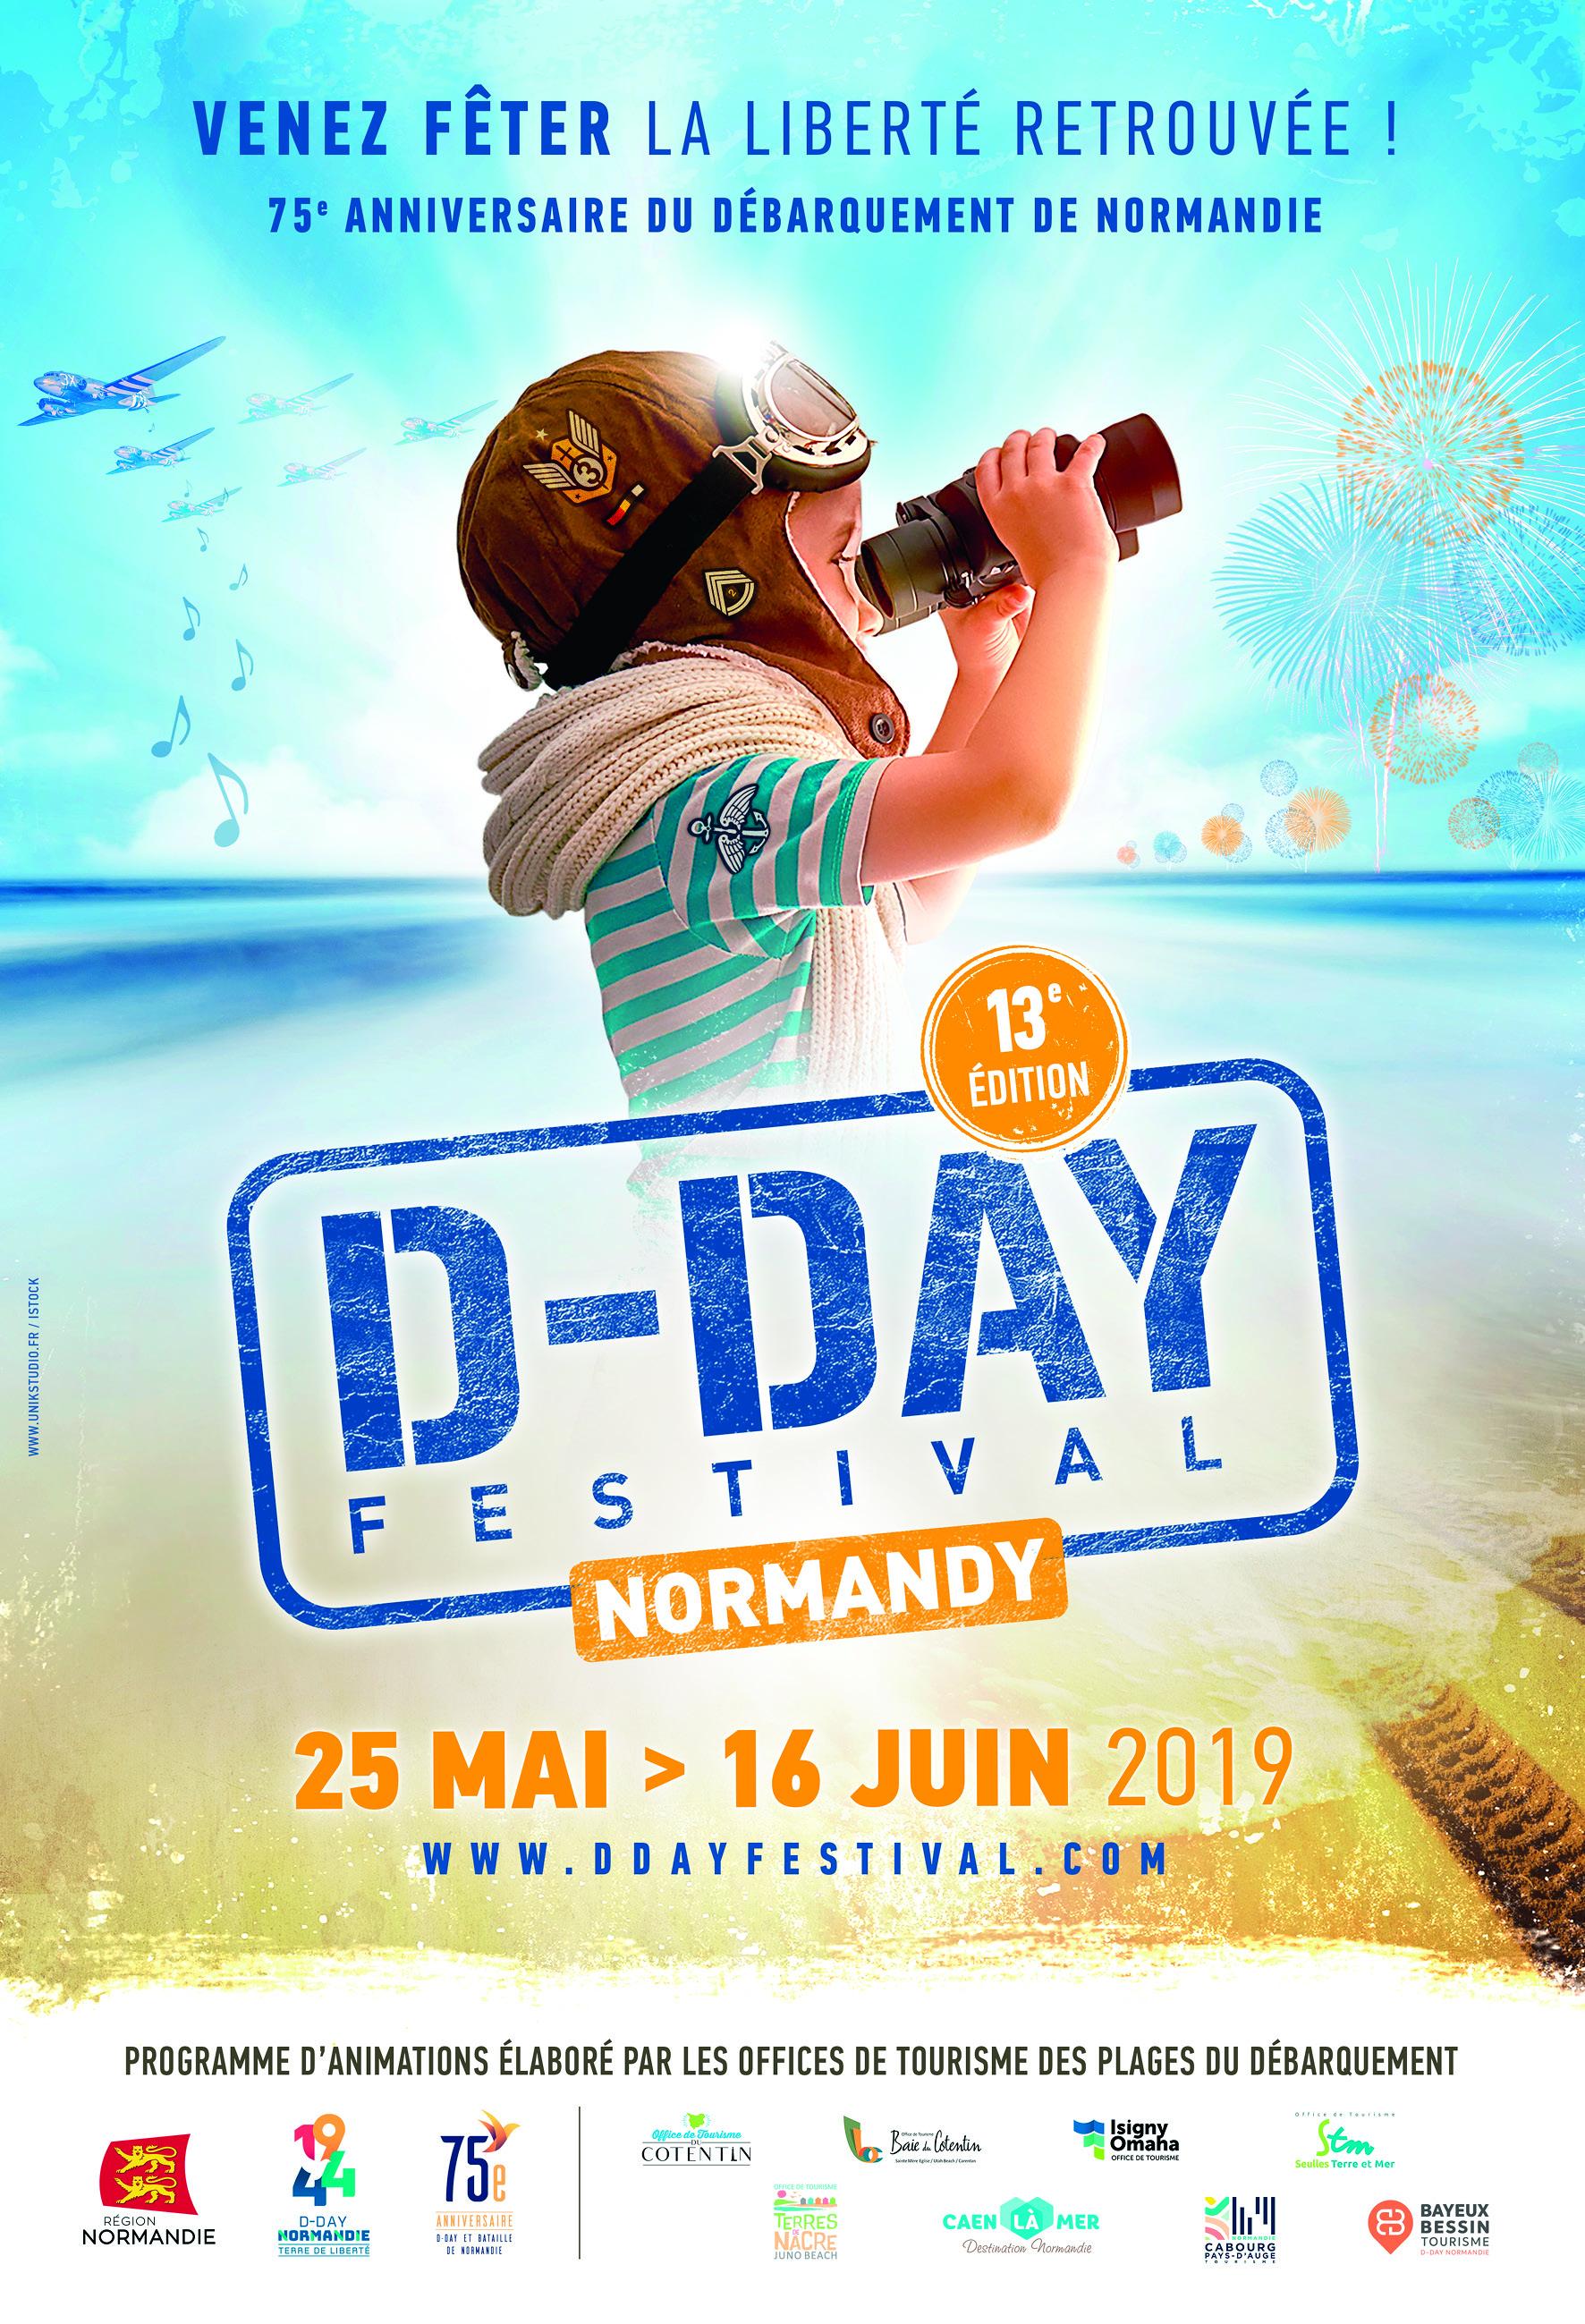 D-Day Festival Normandy fêtera le Débarquement sur les plages de Normandie